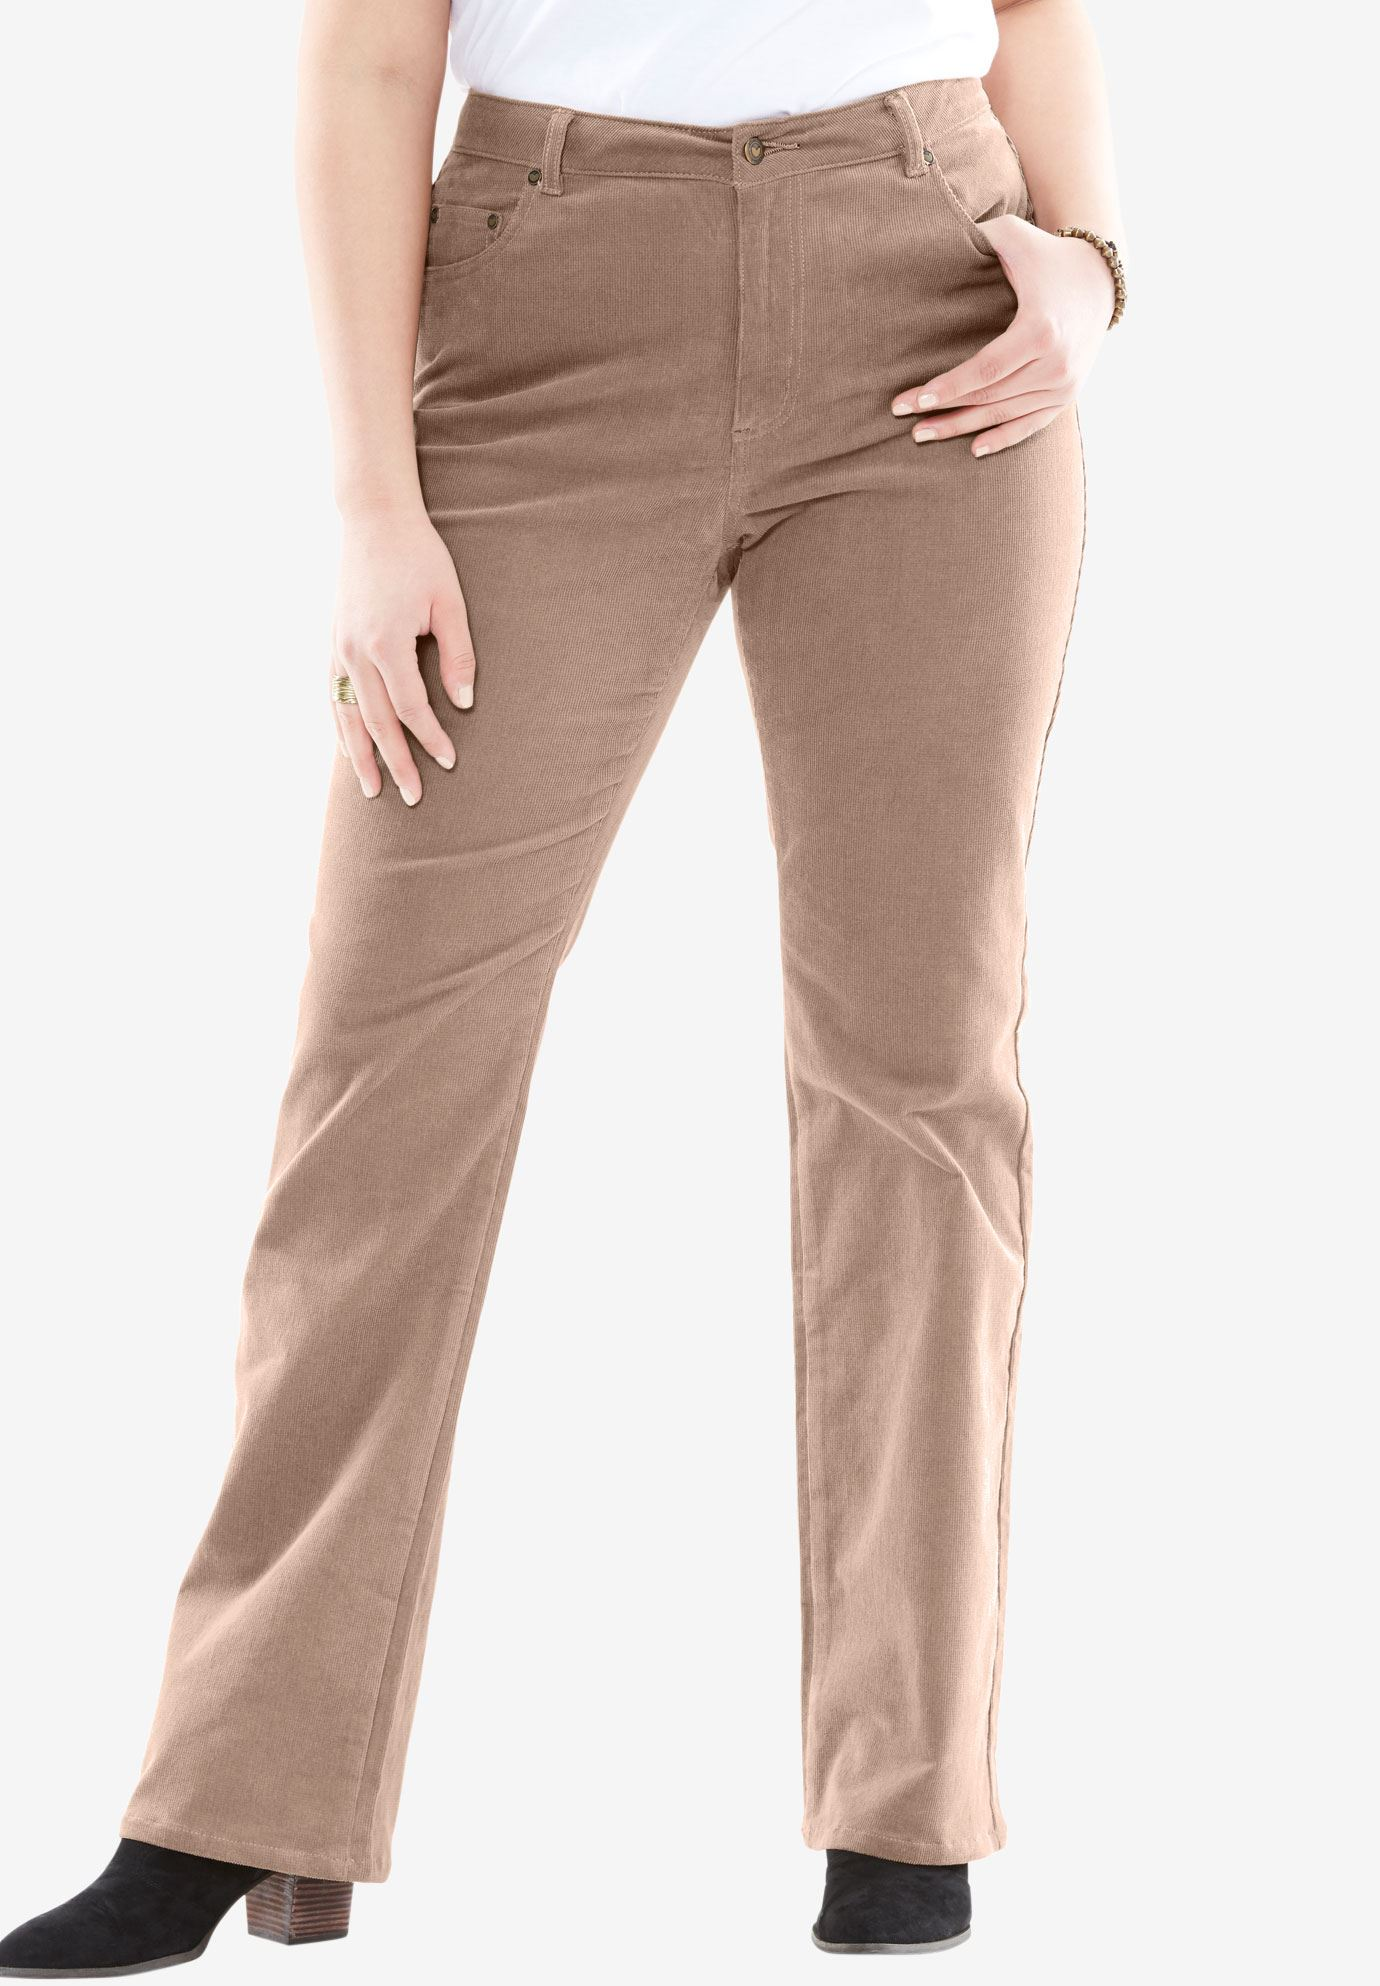 Plus Size Petite Stretch Corduroy Bootcut Jean